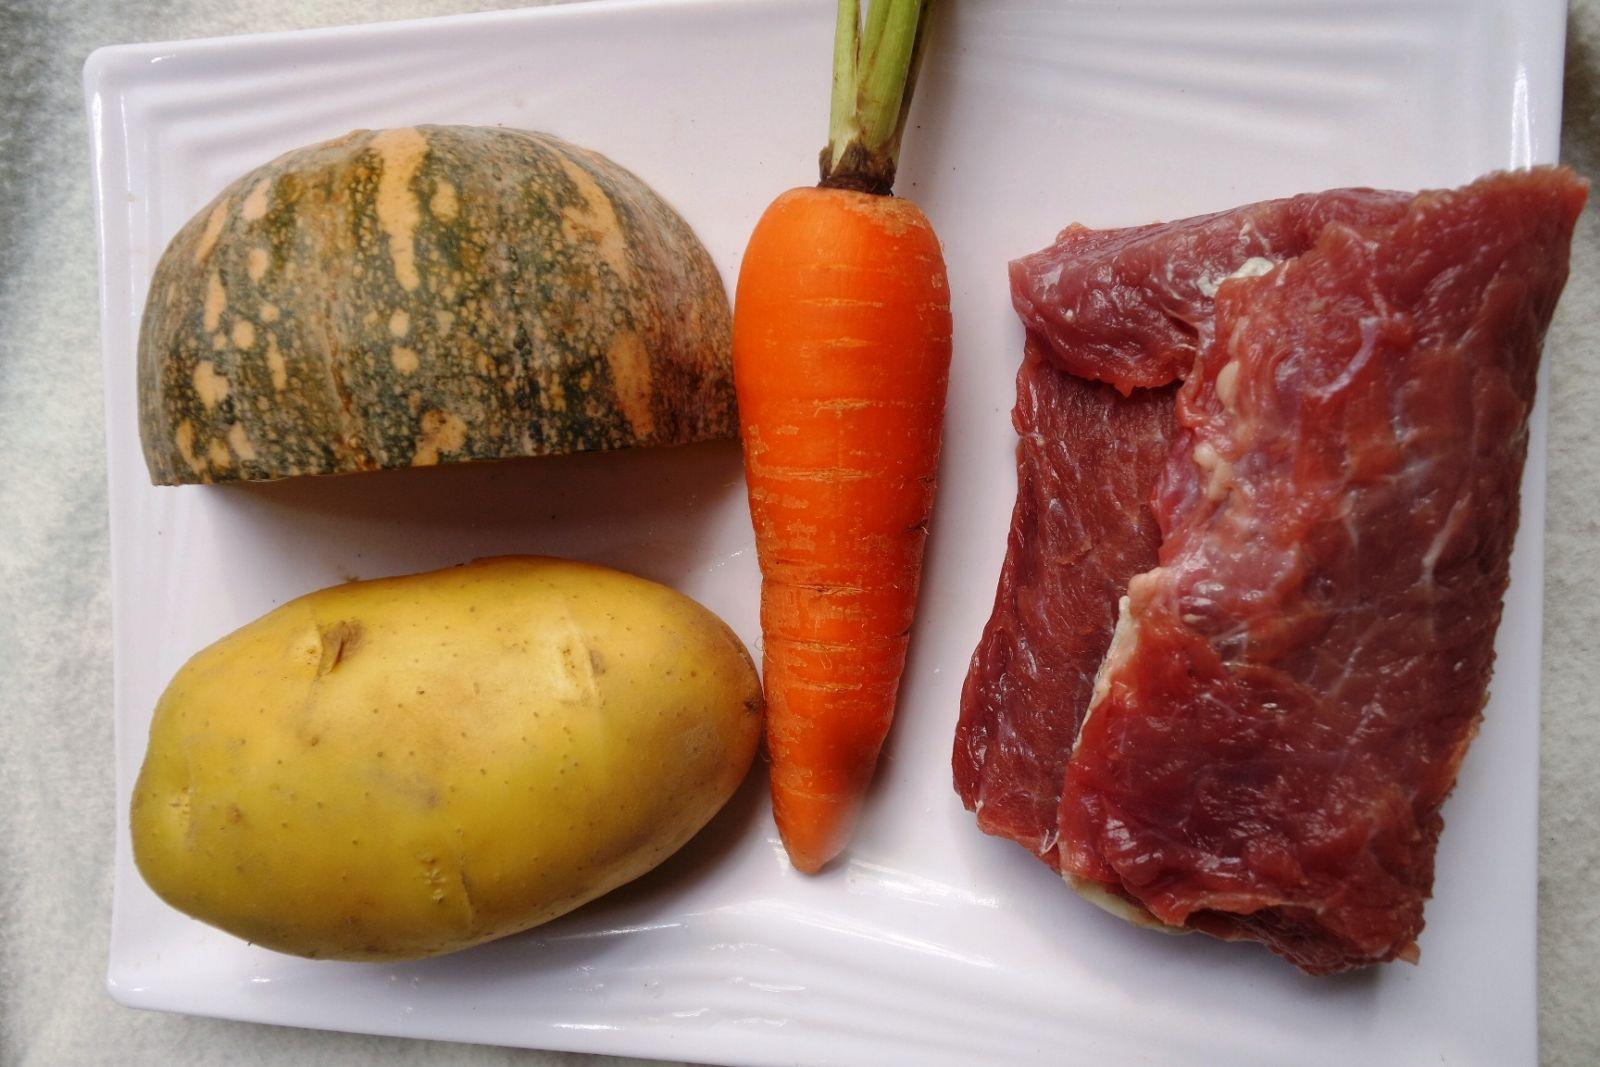 Canh thịt bò nấu rau củ vừa bổ dưỡng vừa thanh mát bữa cơm cuối tuần - Ảnh 1